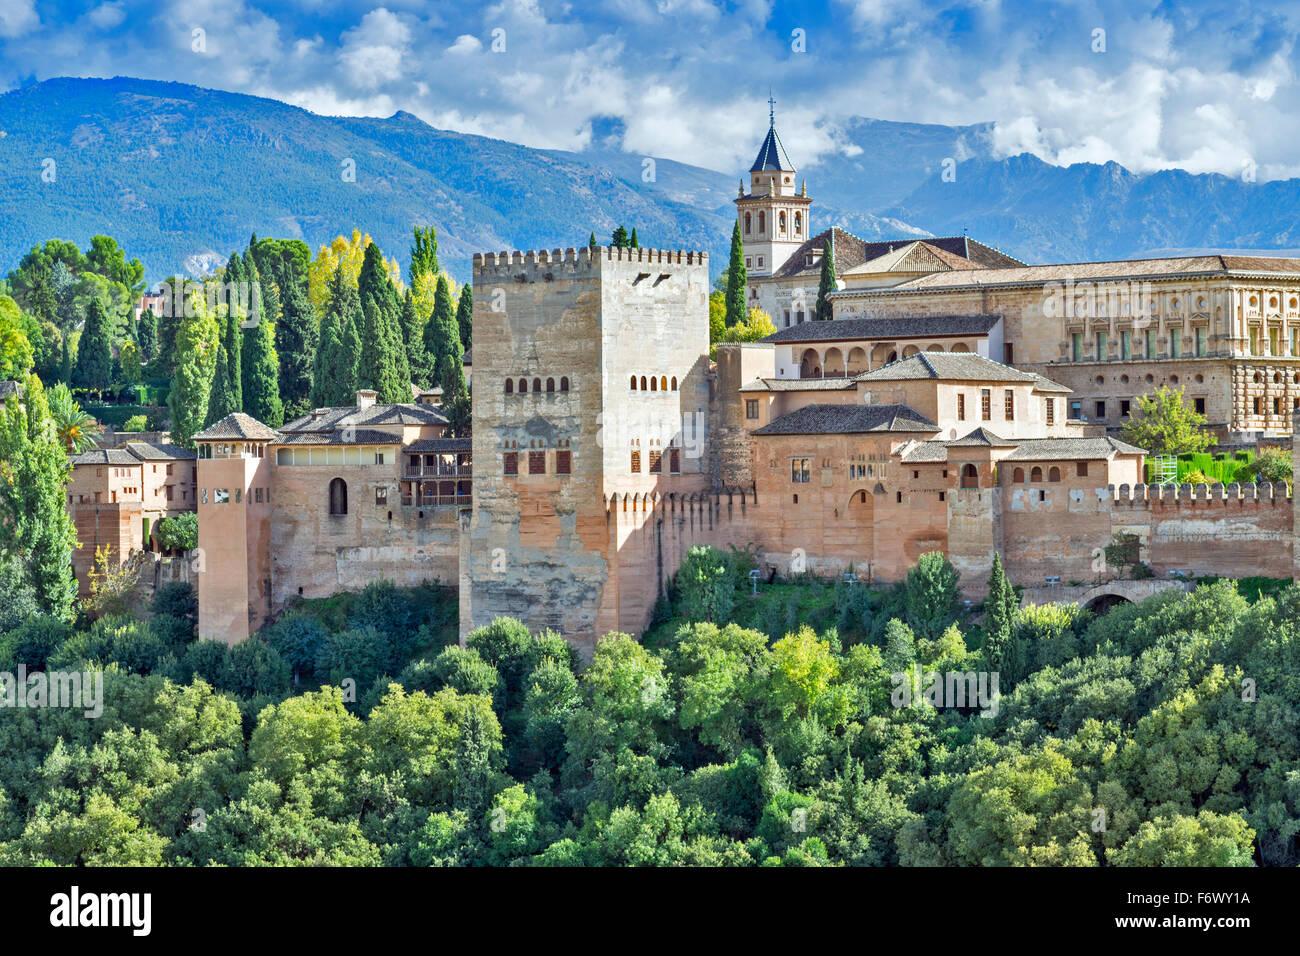 GRANADA, Andalousie Espagne L'ALHAMBRA AVEC MENACES SUR LA SIERRA NEVADA ET LES ARBRES D'AUTOMNE Photo Stock